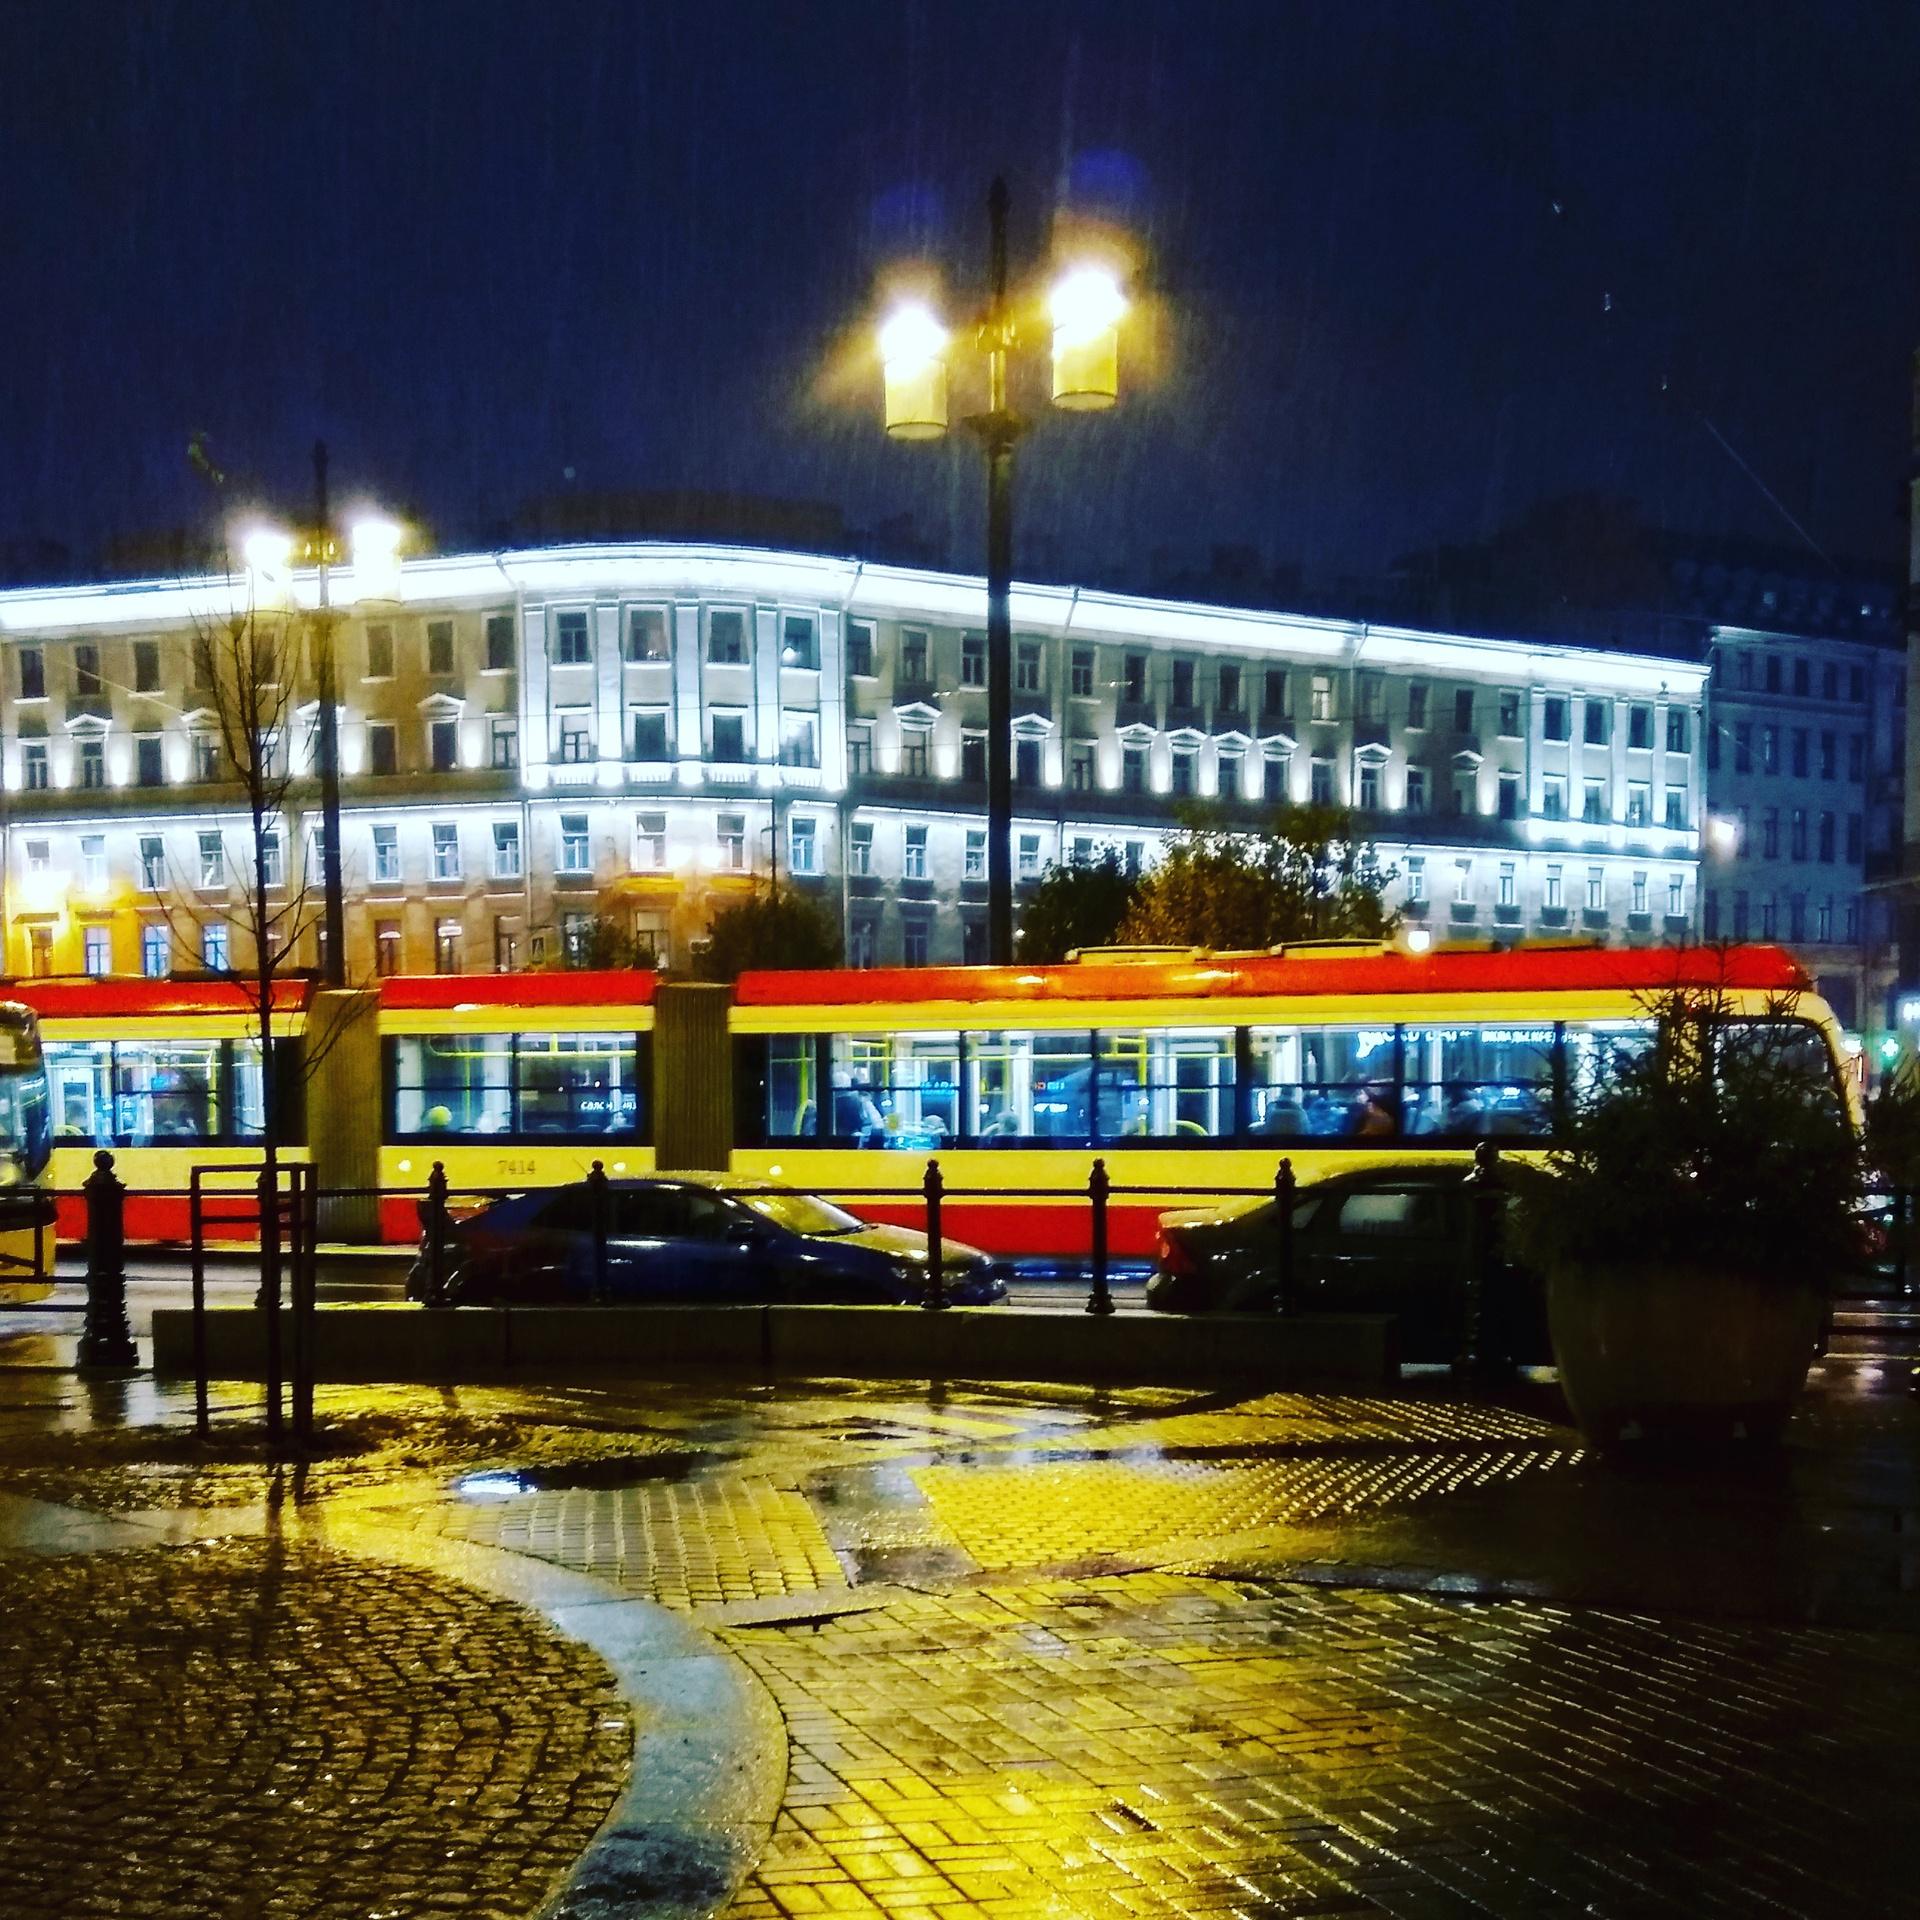 Петербург | St Petersburg, Russia, 26.10.2016